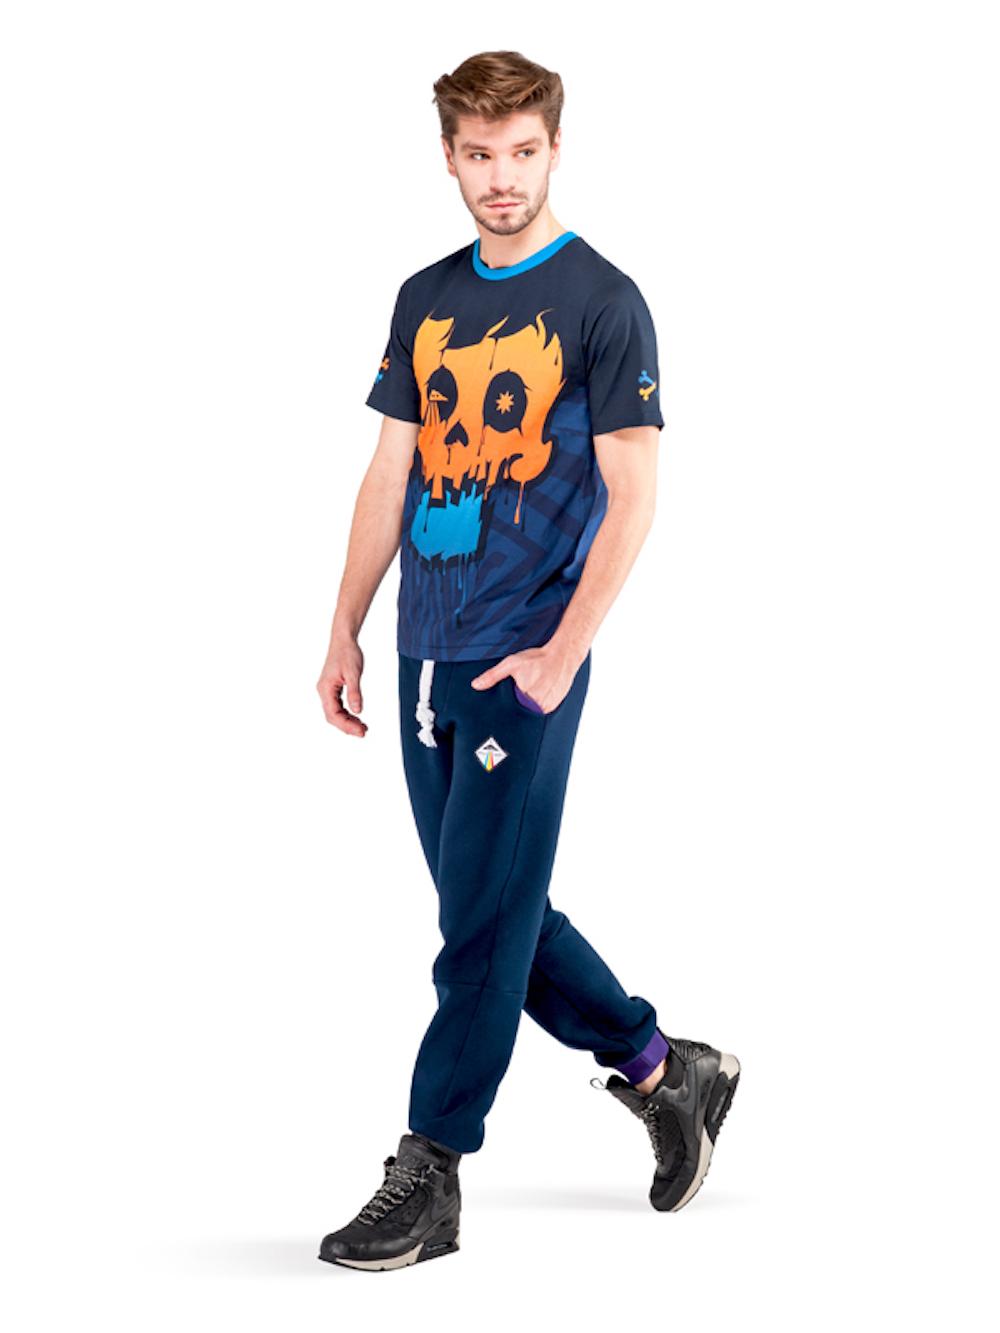 Crystal Skull T-shirt (Orange) - Okuaku